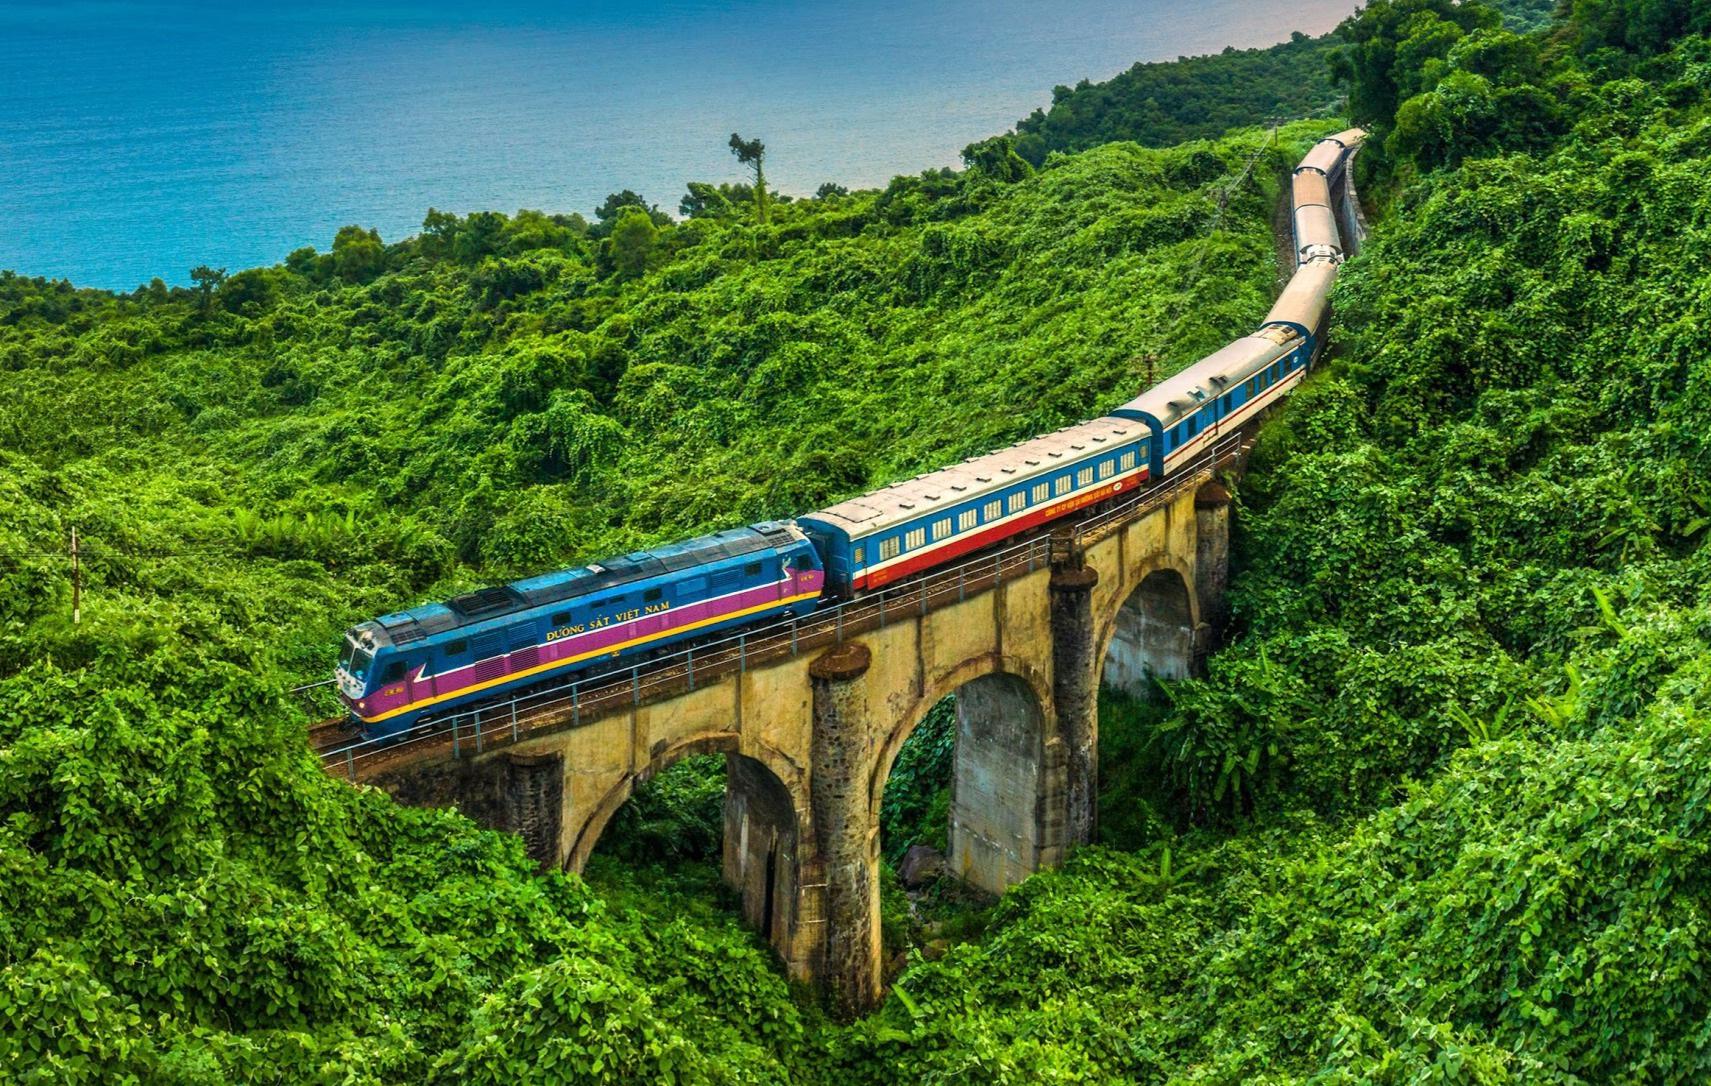 Thâm hụt 100 tỷ đồng/tháng, đường sắt quốc gia đang khó khăn nhất lịch sử